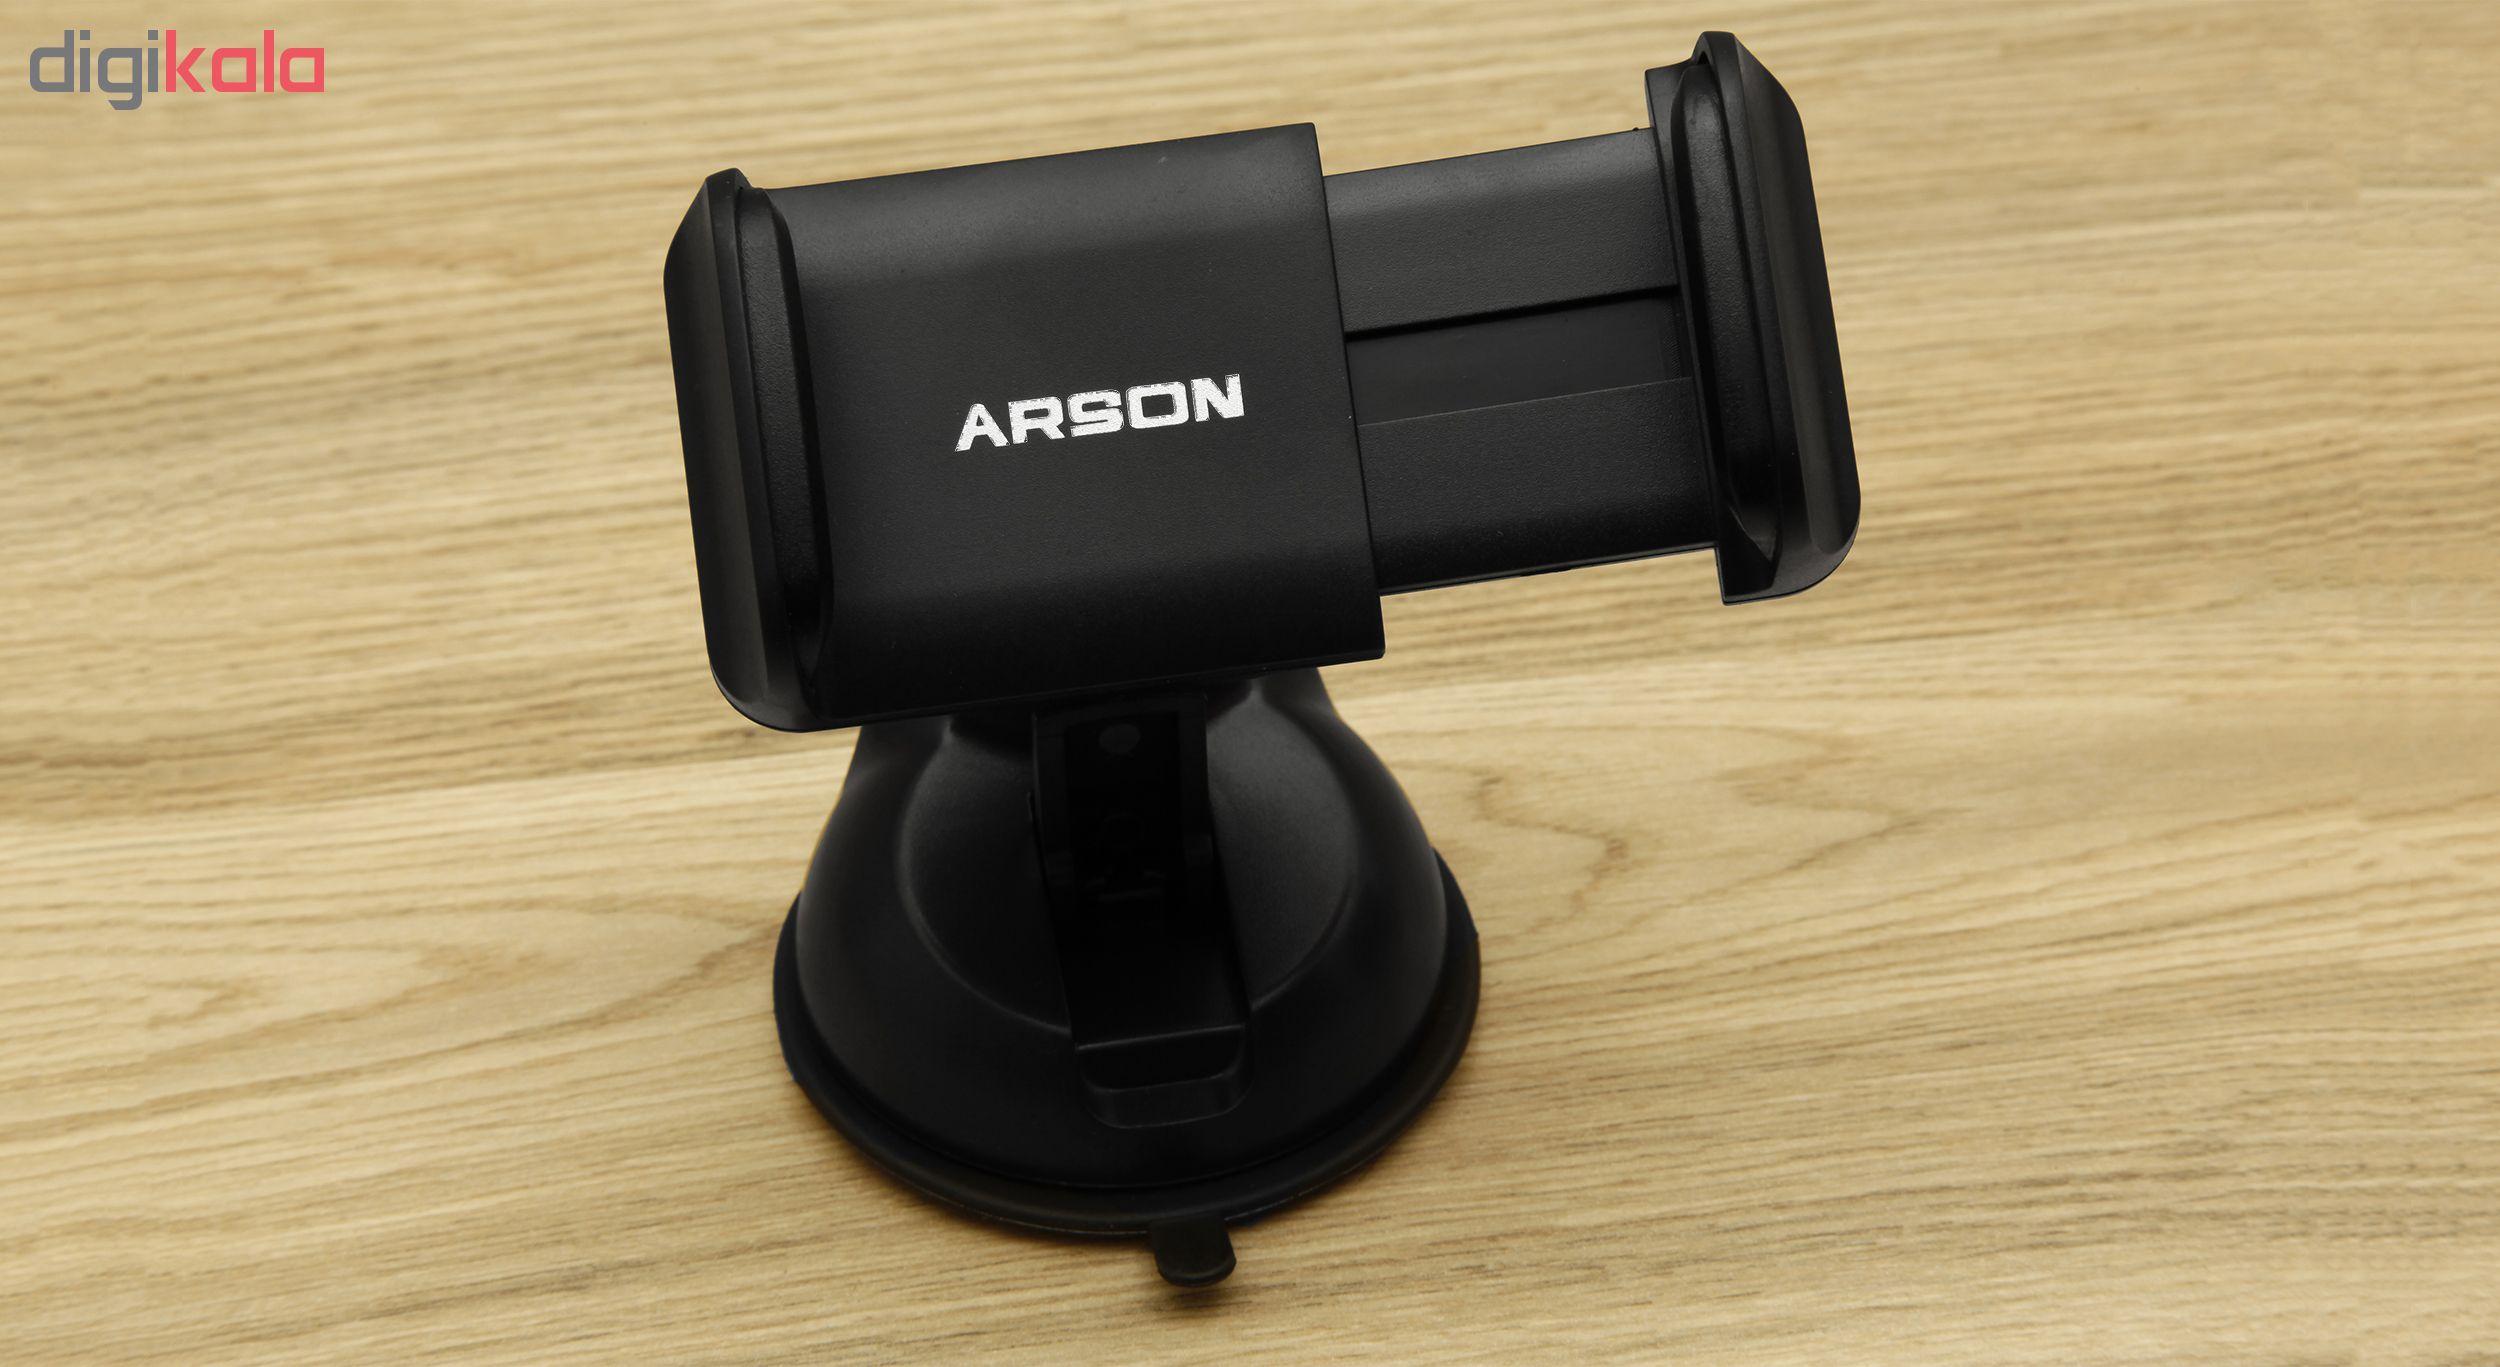 مجموعه لوازم جانبی موبایل آرسون مدل AN2 main 1 5